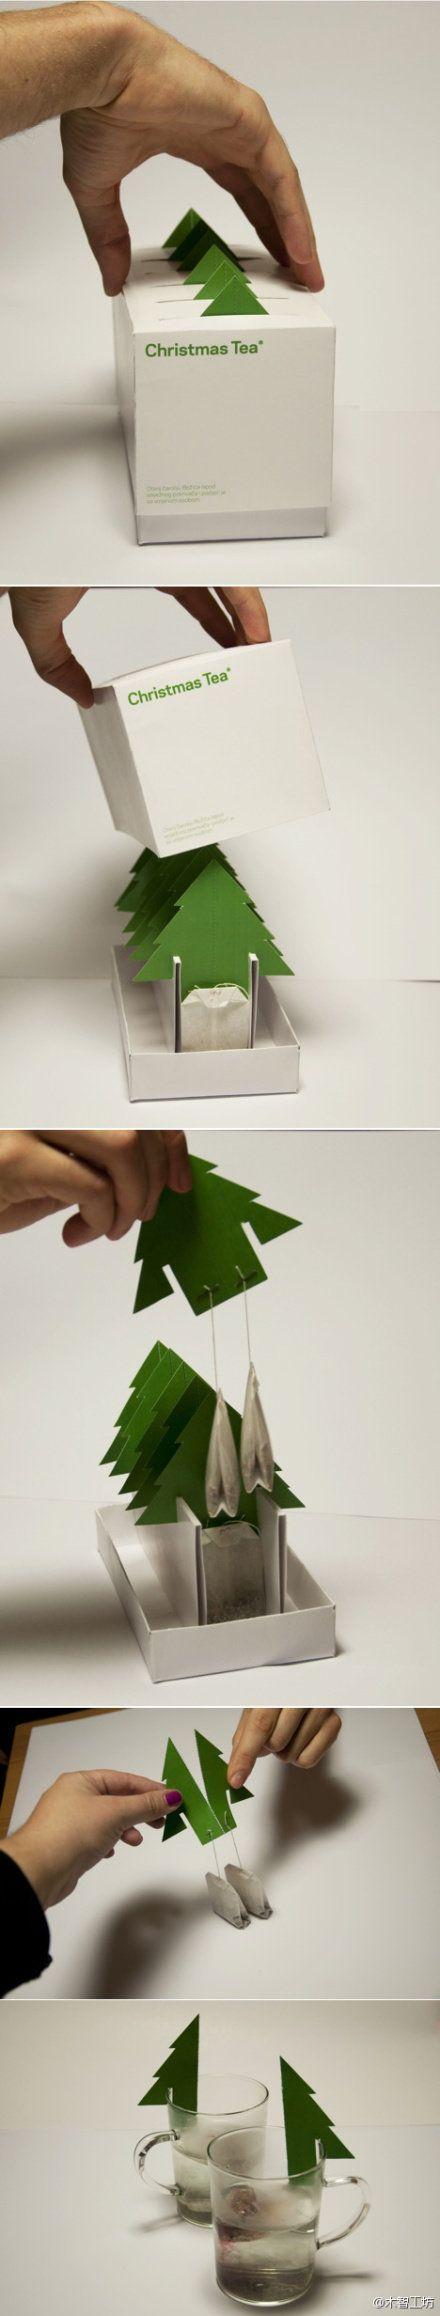 패키지 디자인, 차, 크리스마스